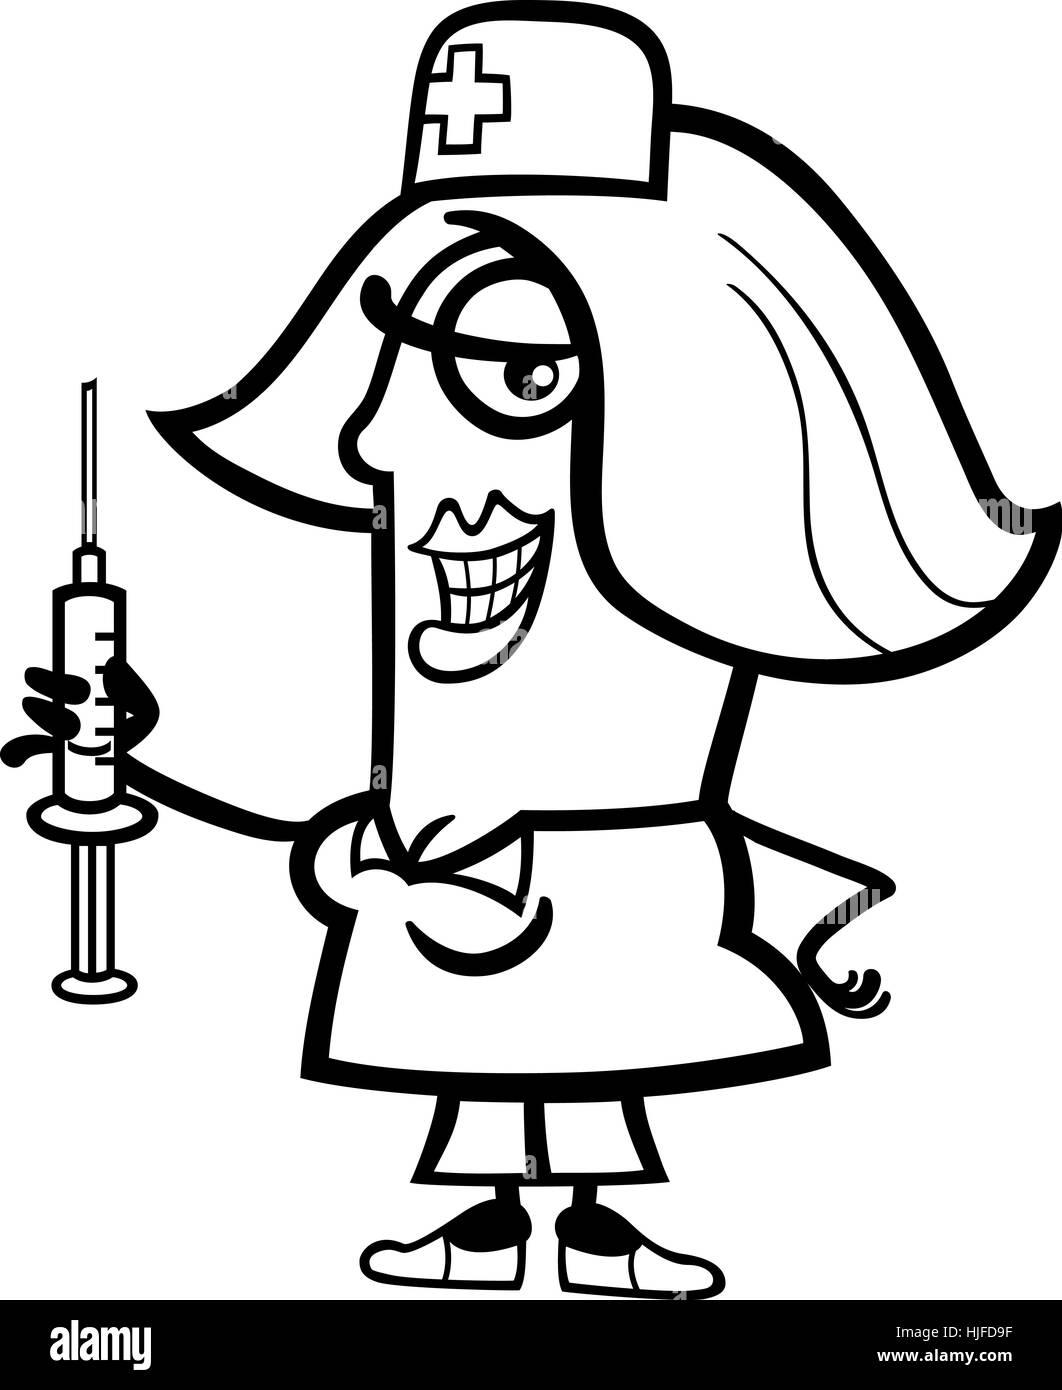 Ilustración Caricatura En Blanco Y Negro De Funny Enfermera